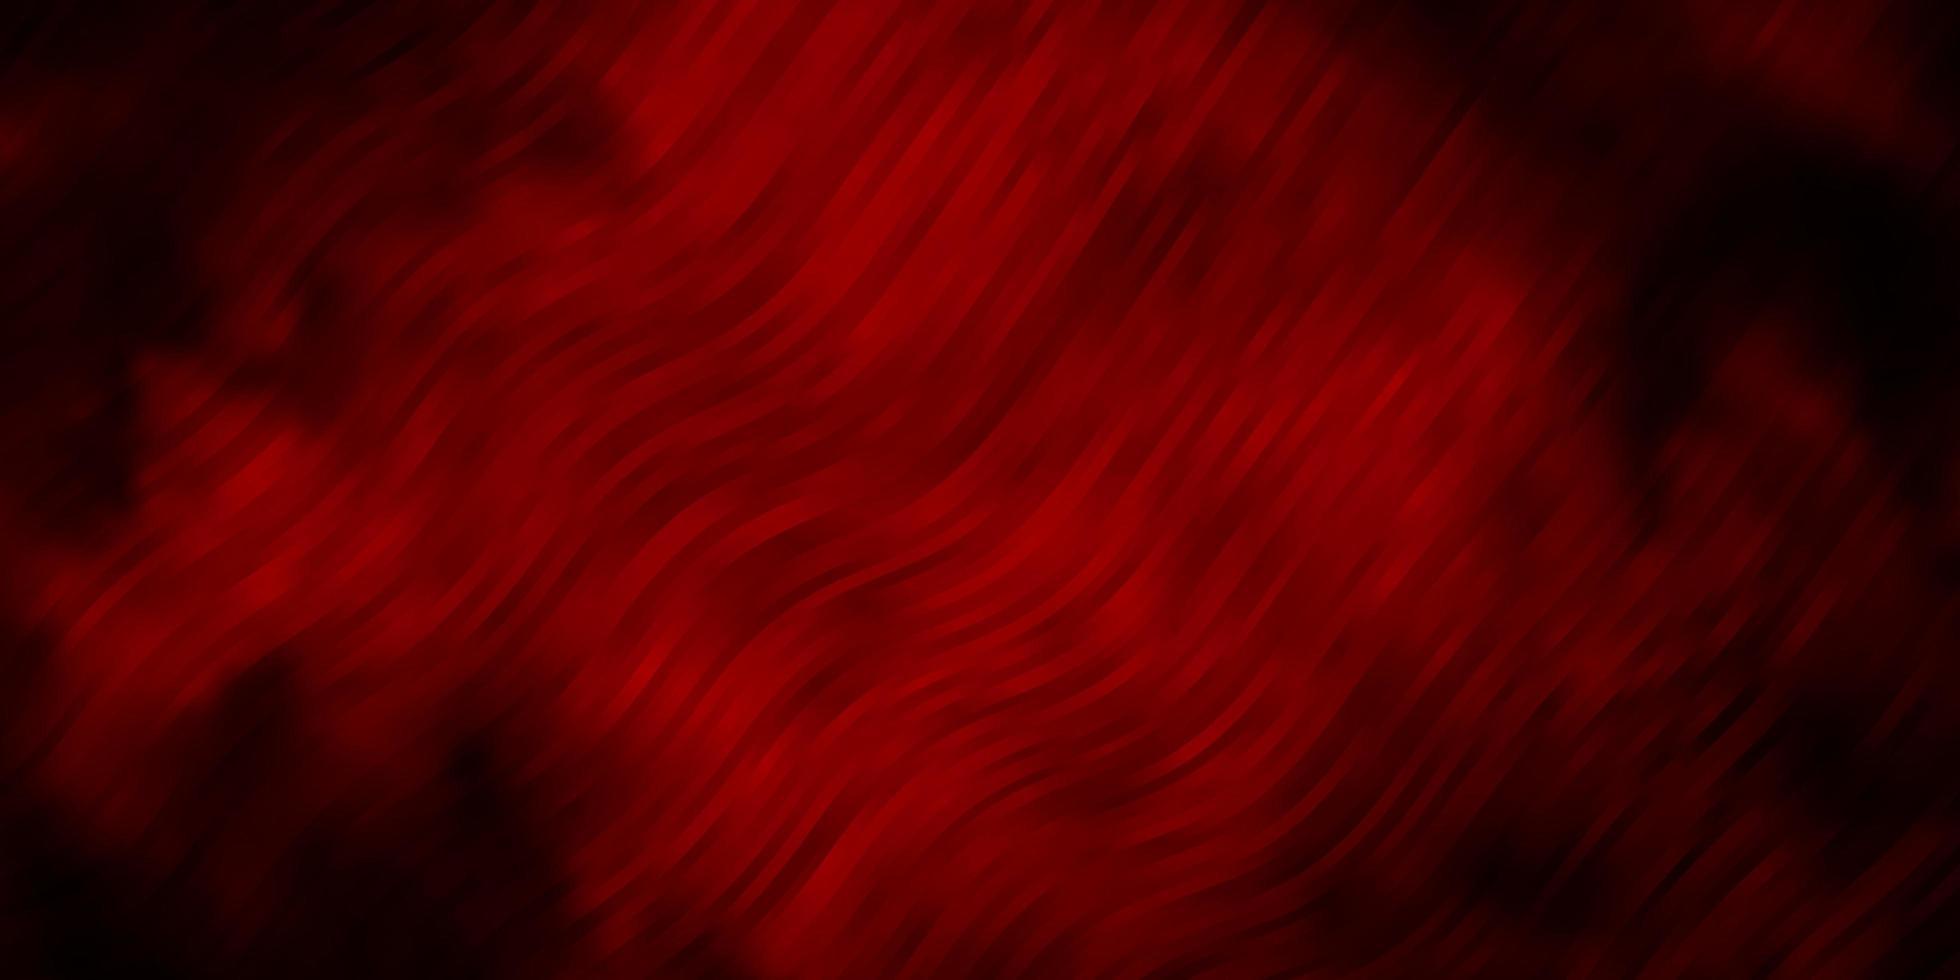 dunkelrote Vektorschablone mit Linien. vektor